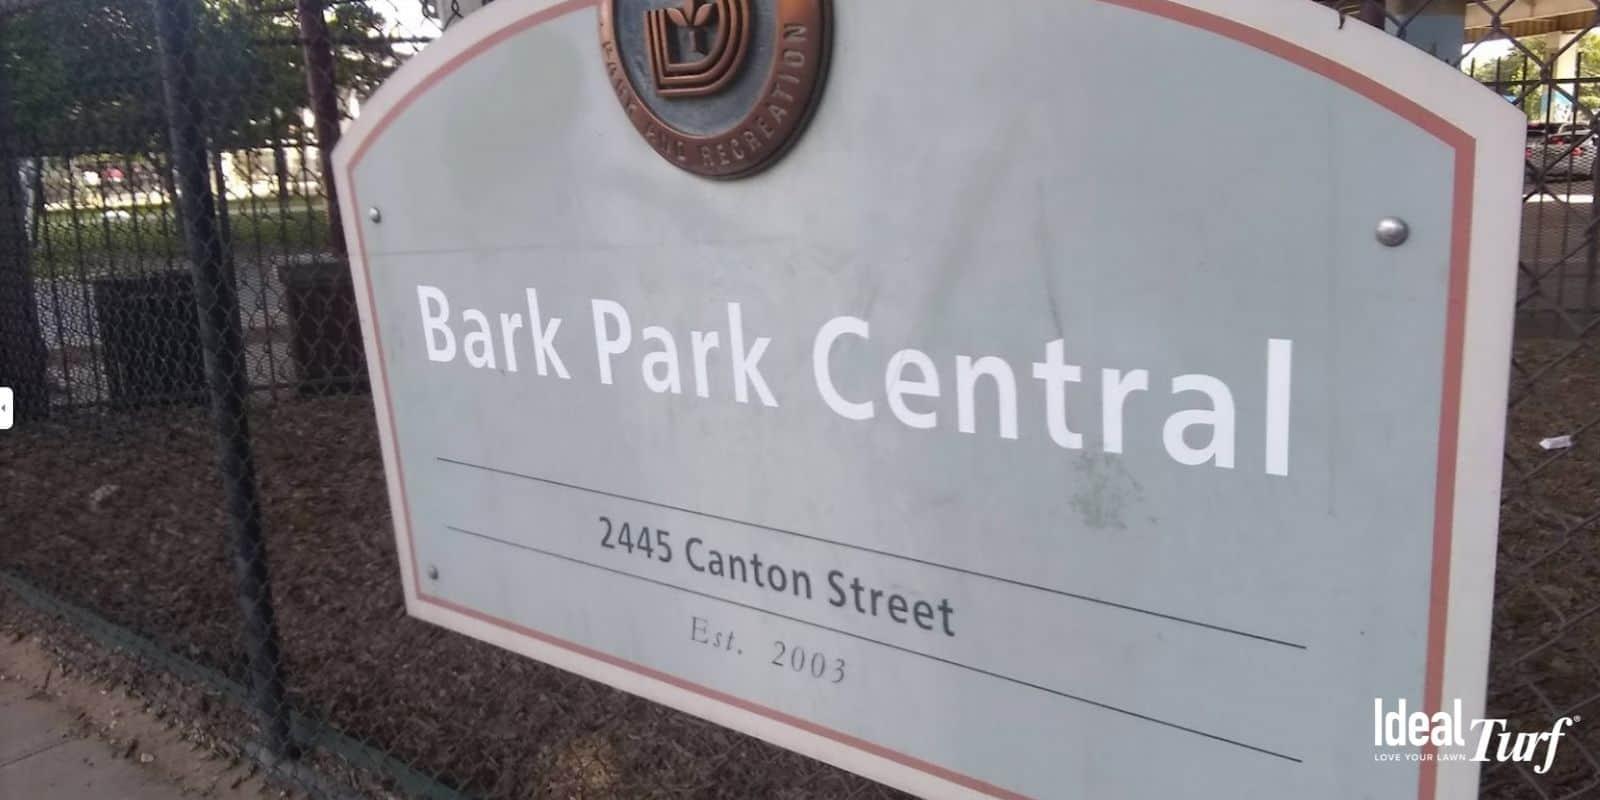 4. Bark Park Central